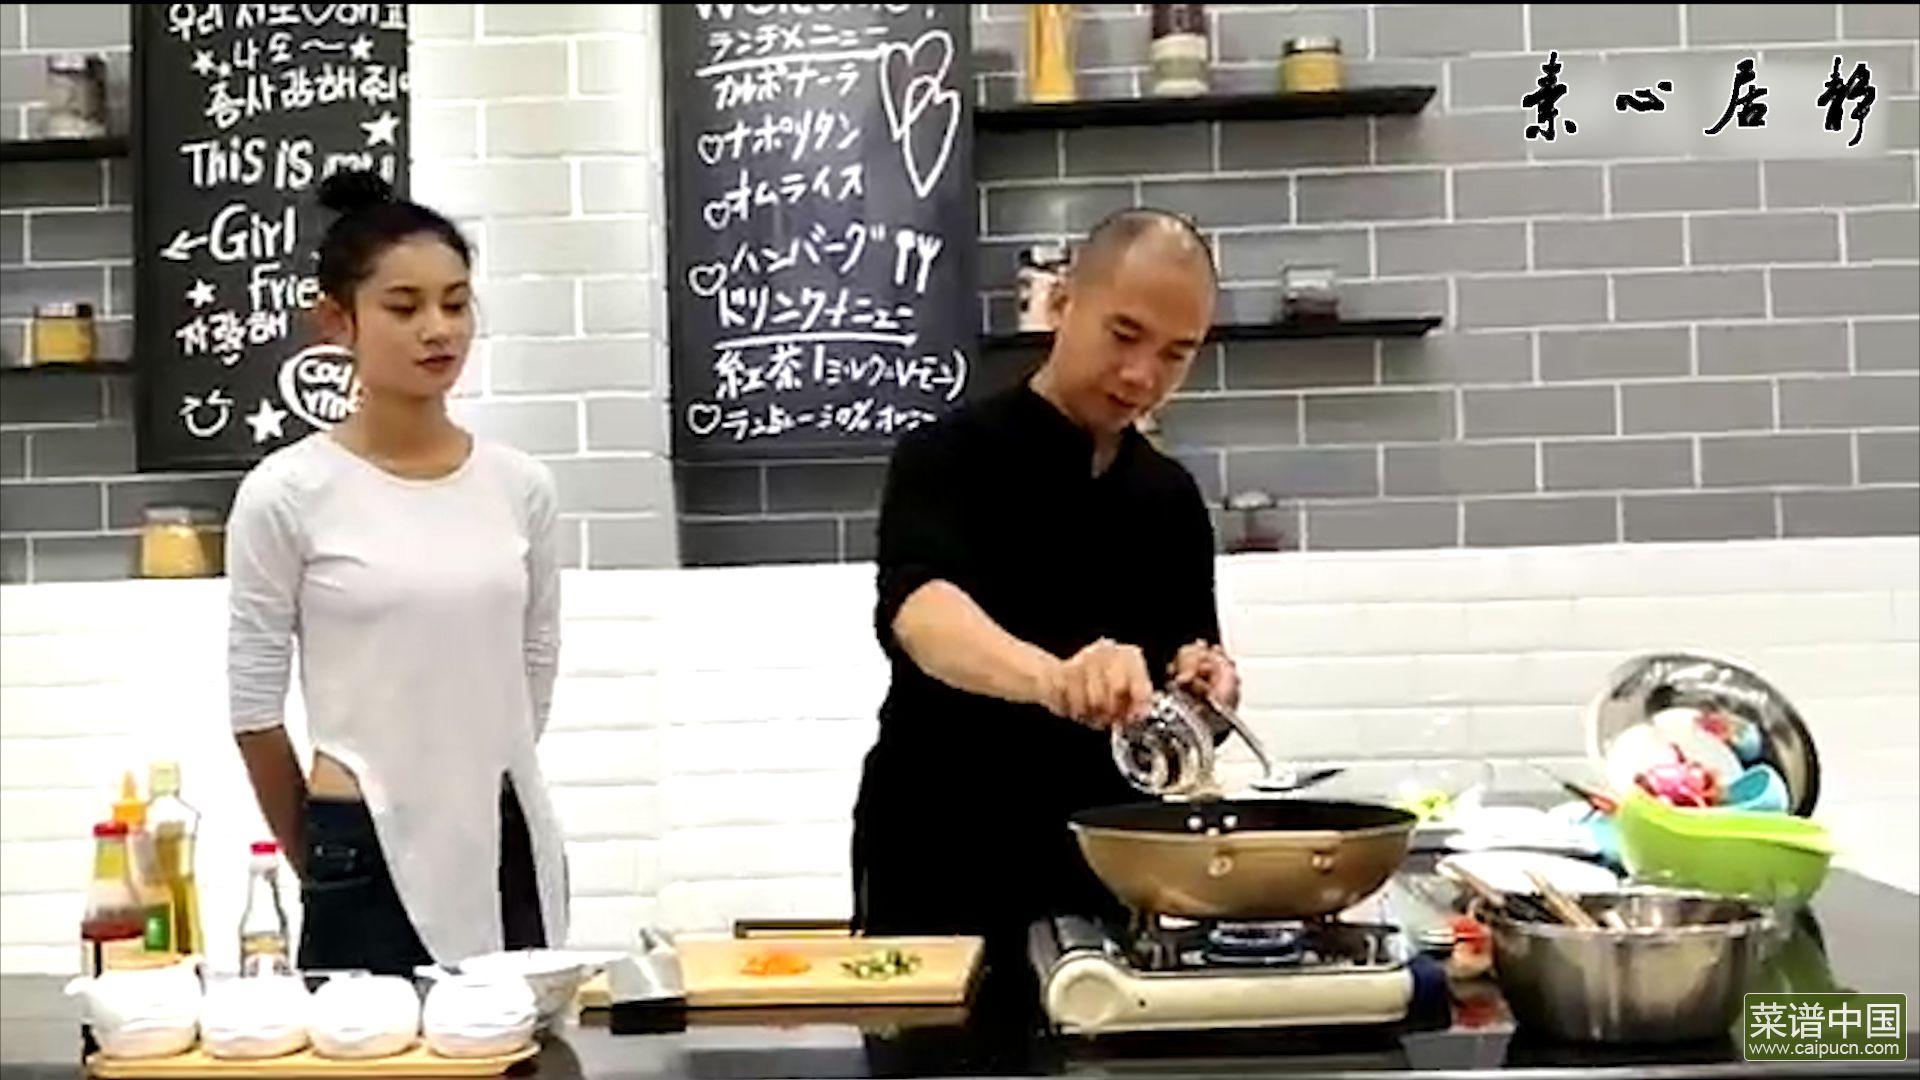 三鲜炖豆腐【素心居静庄青山】的做法步骤12